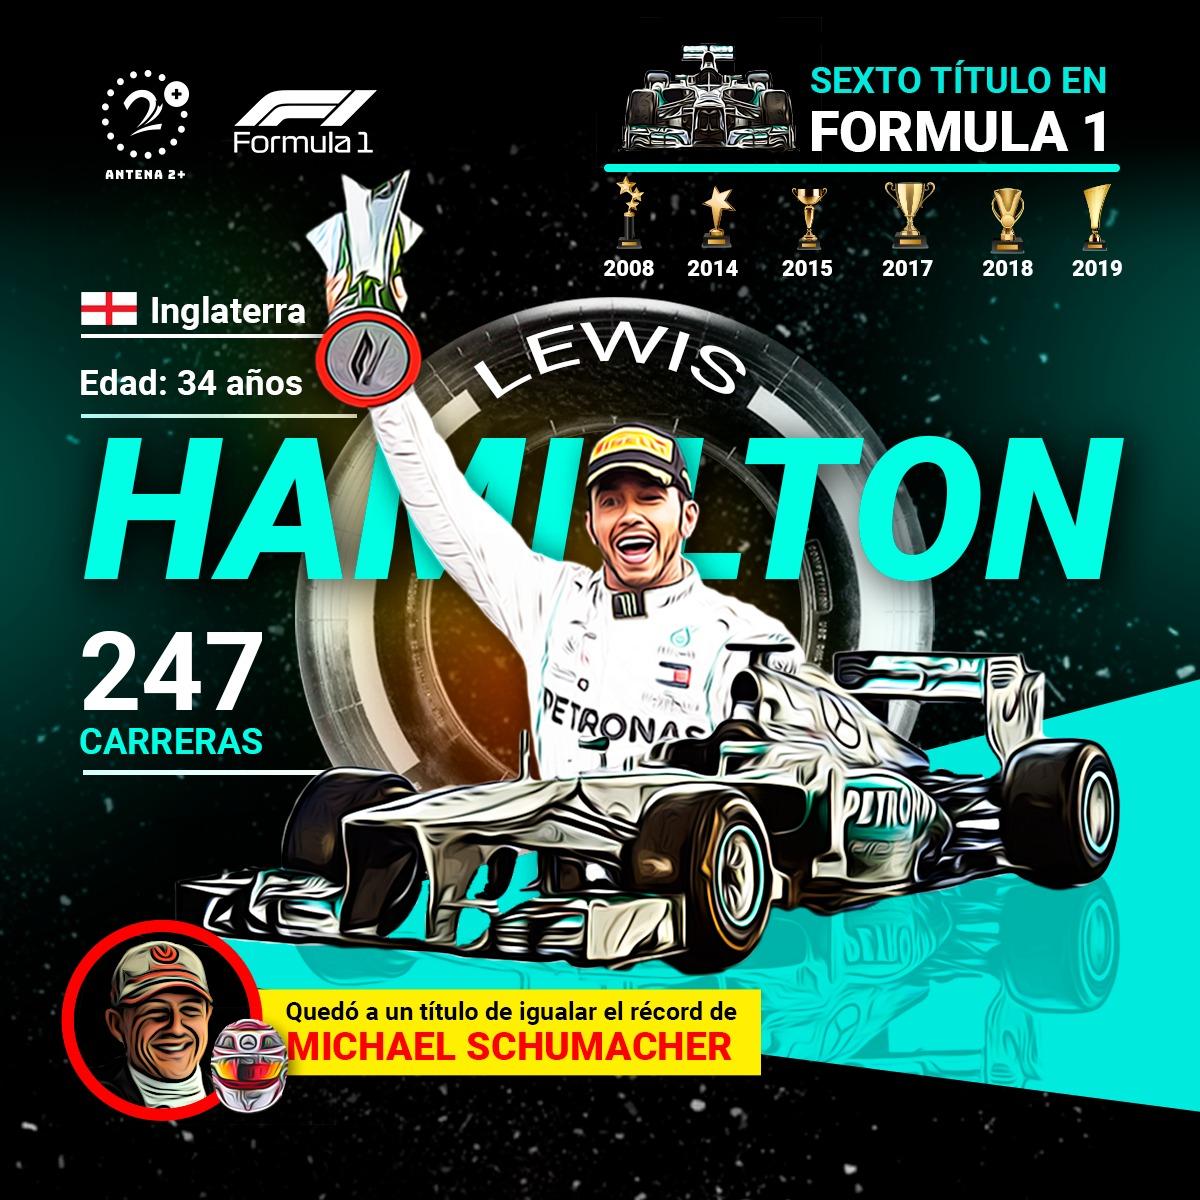 Lewis Hamilton, campeón de la F1